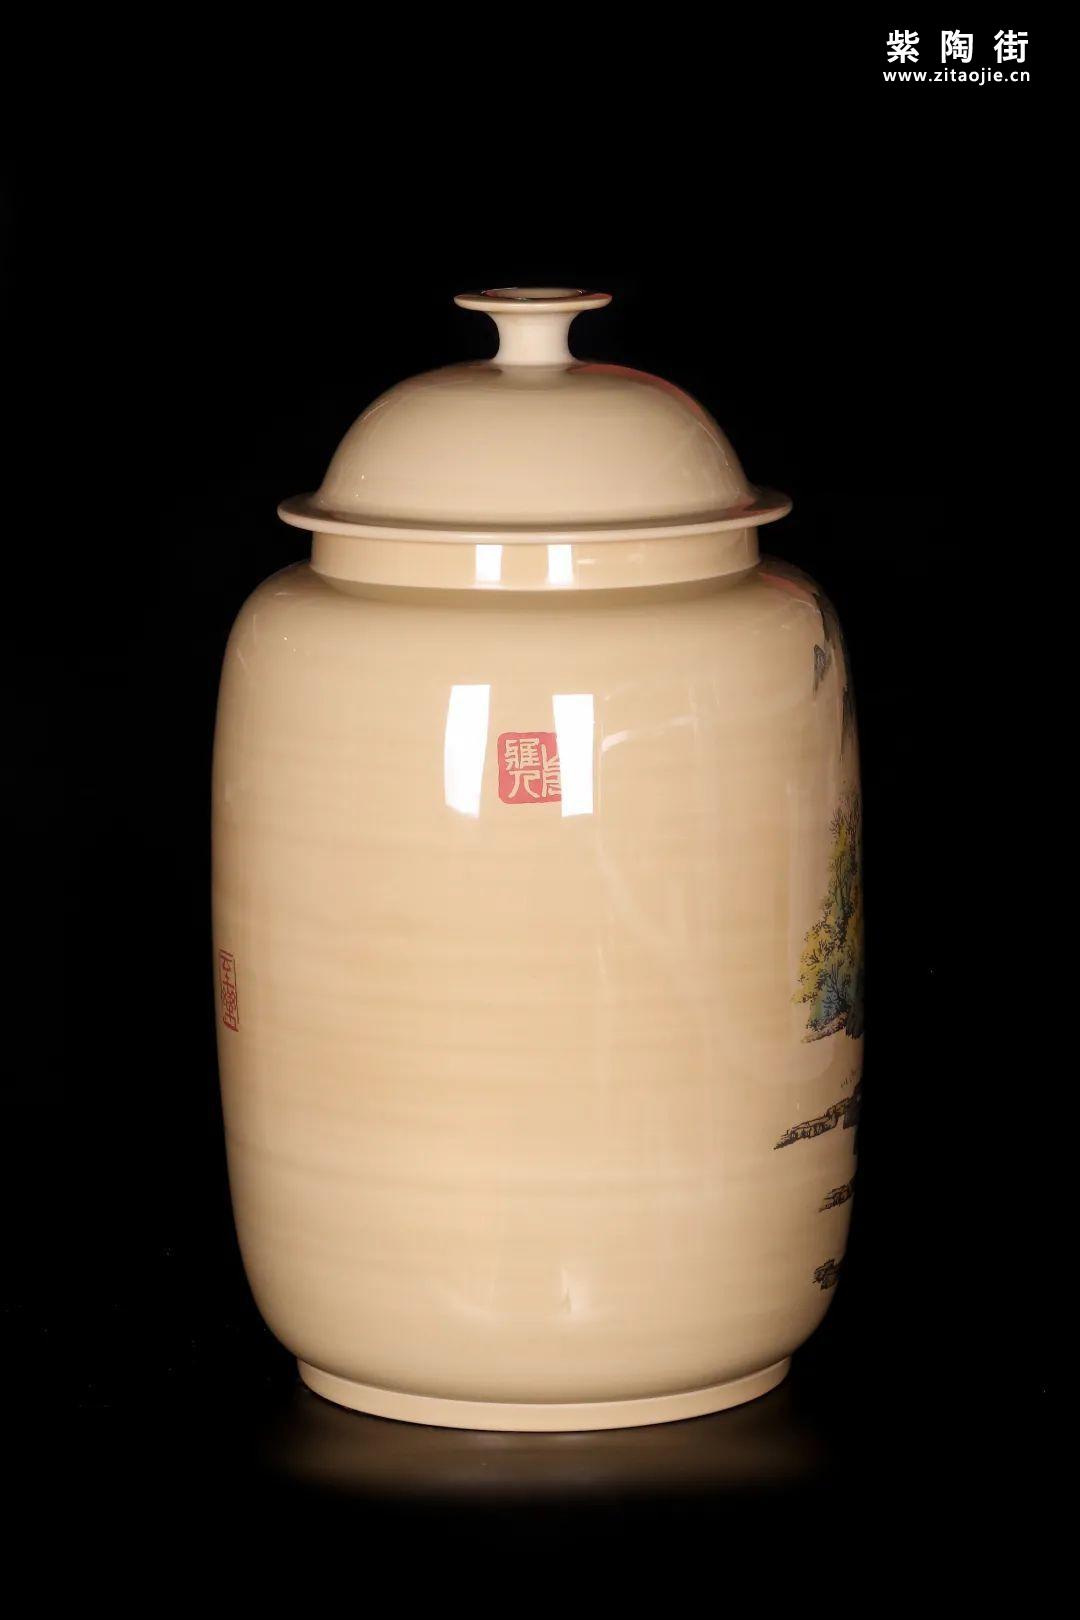 廖建忠、廖渊涵的青绿山水装饰紫陶缸插图15